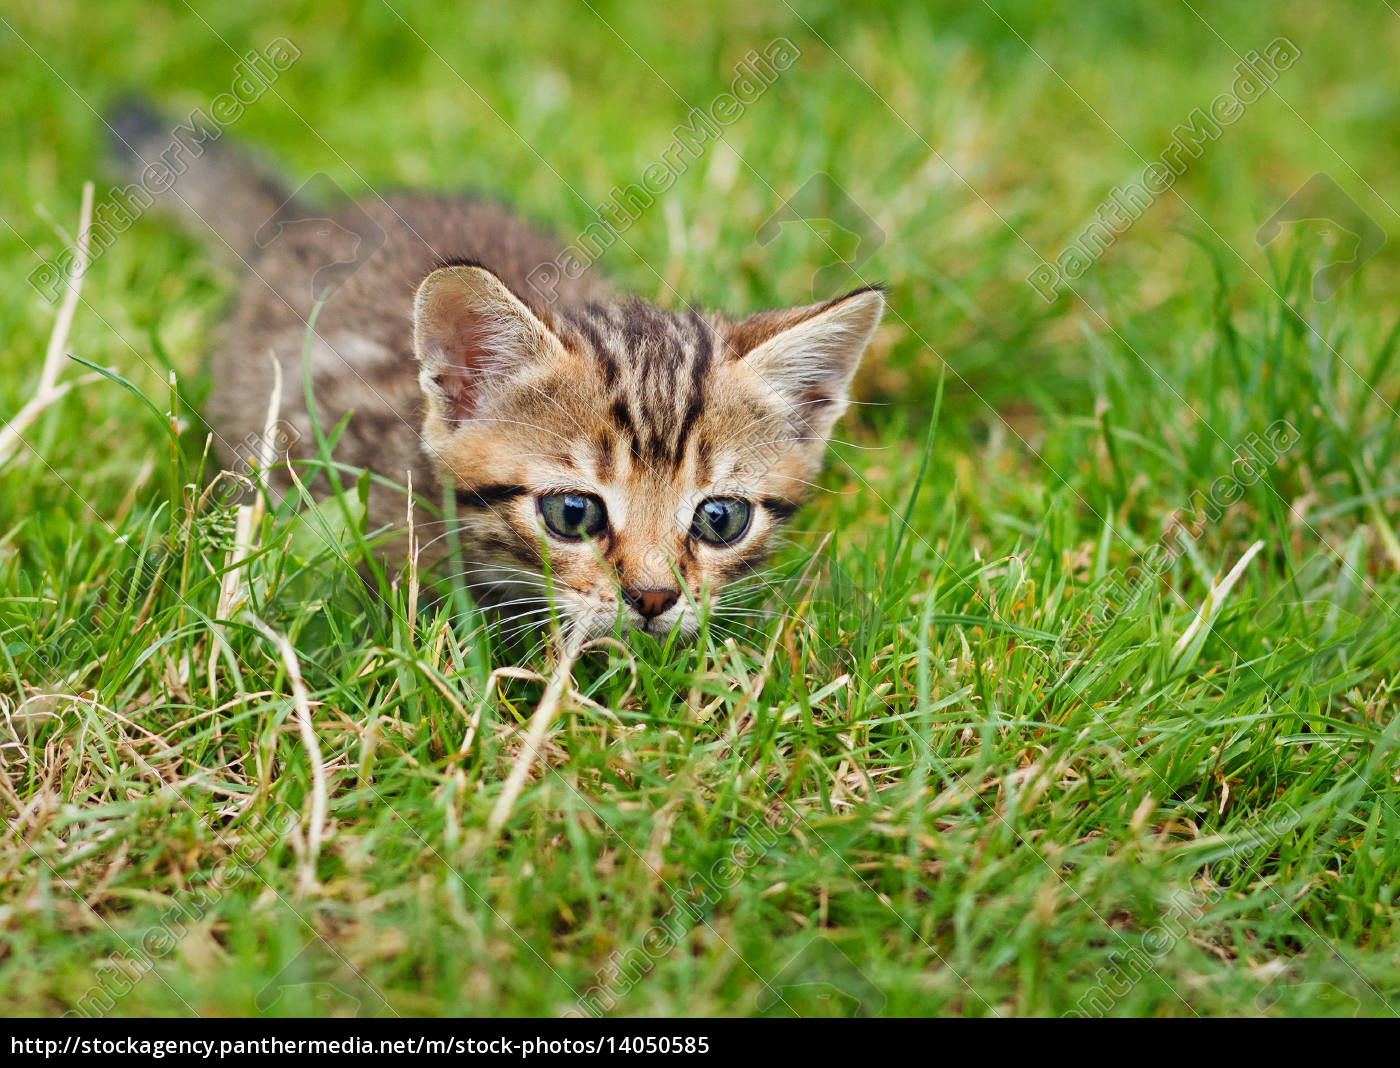 little, striped, kitten, hiding, in, the - 14050585